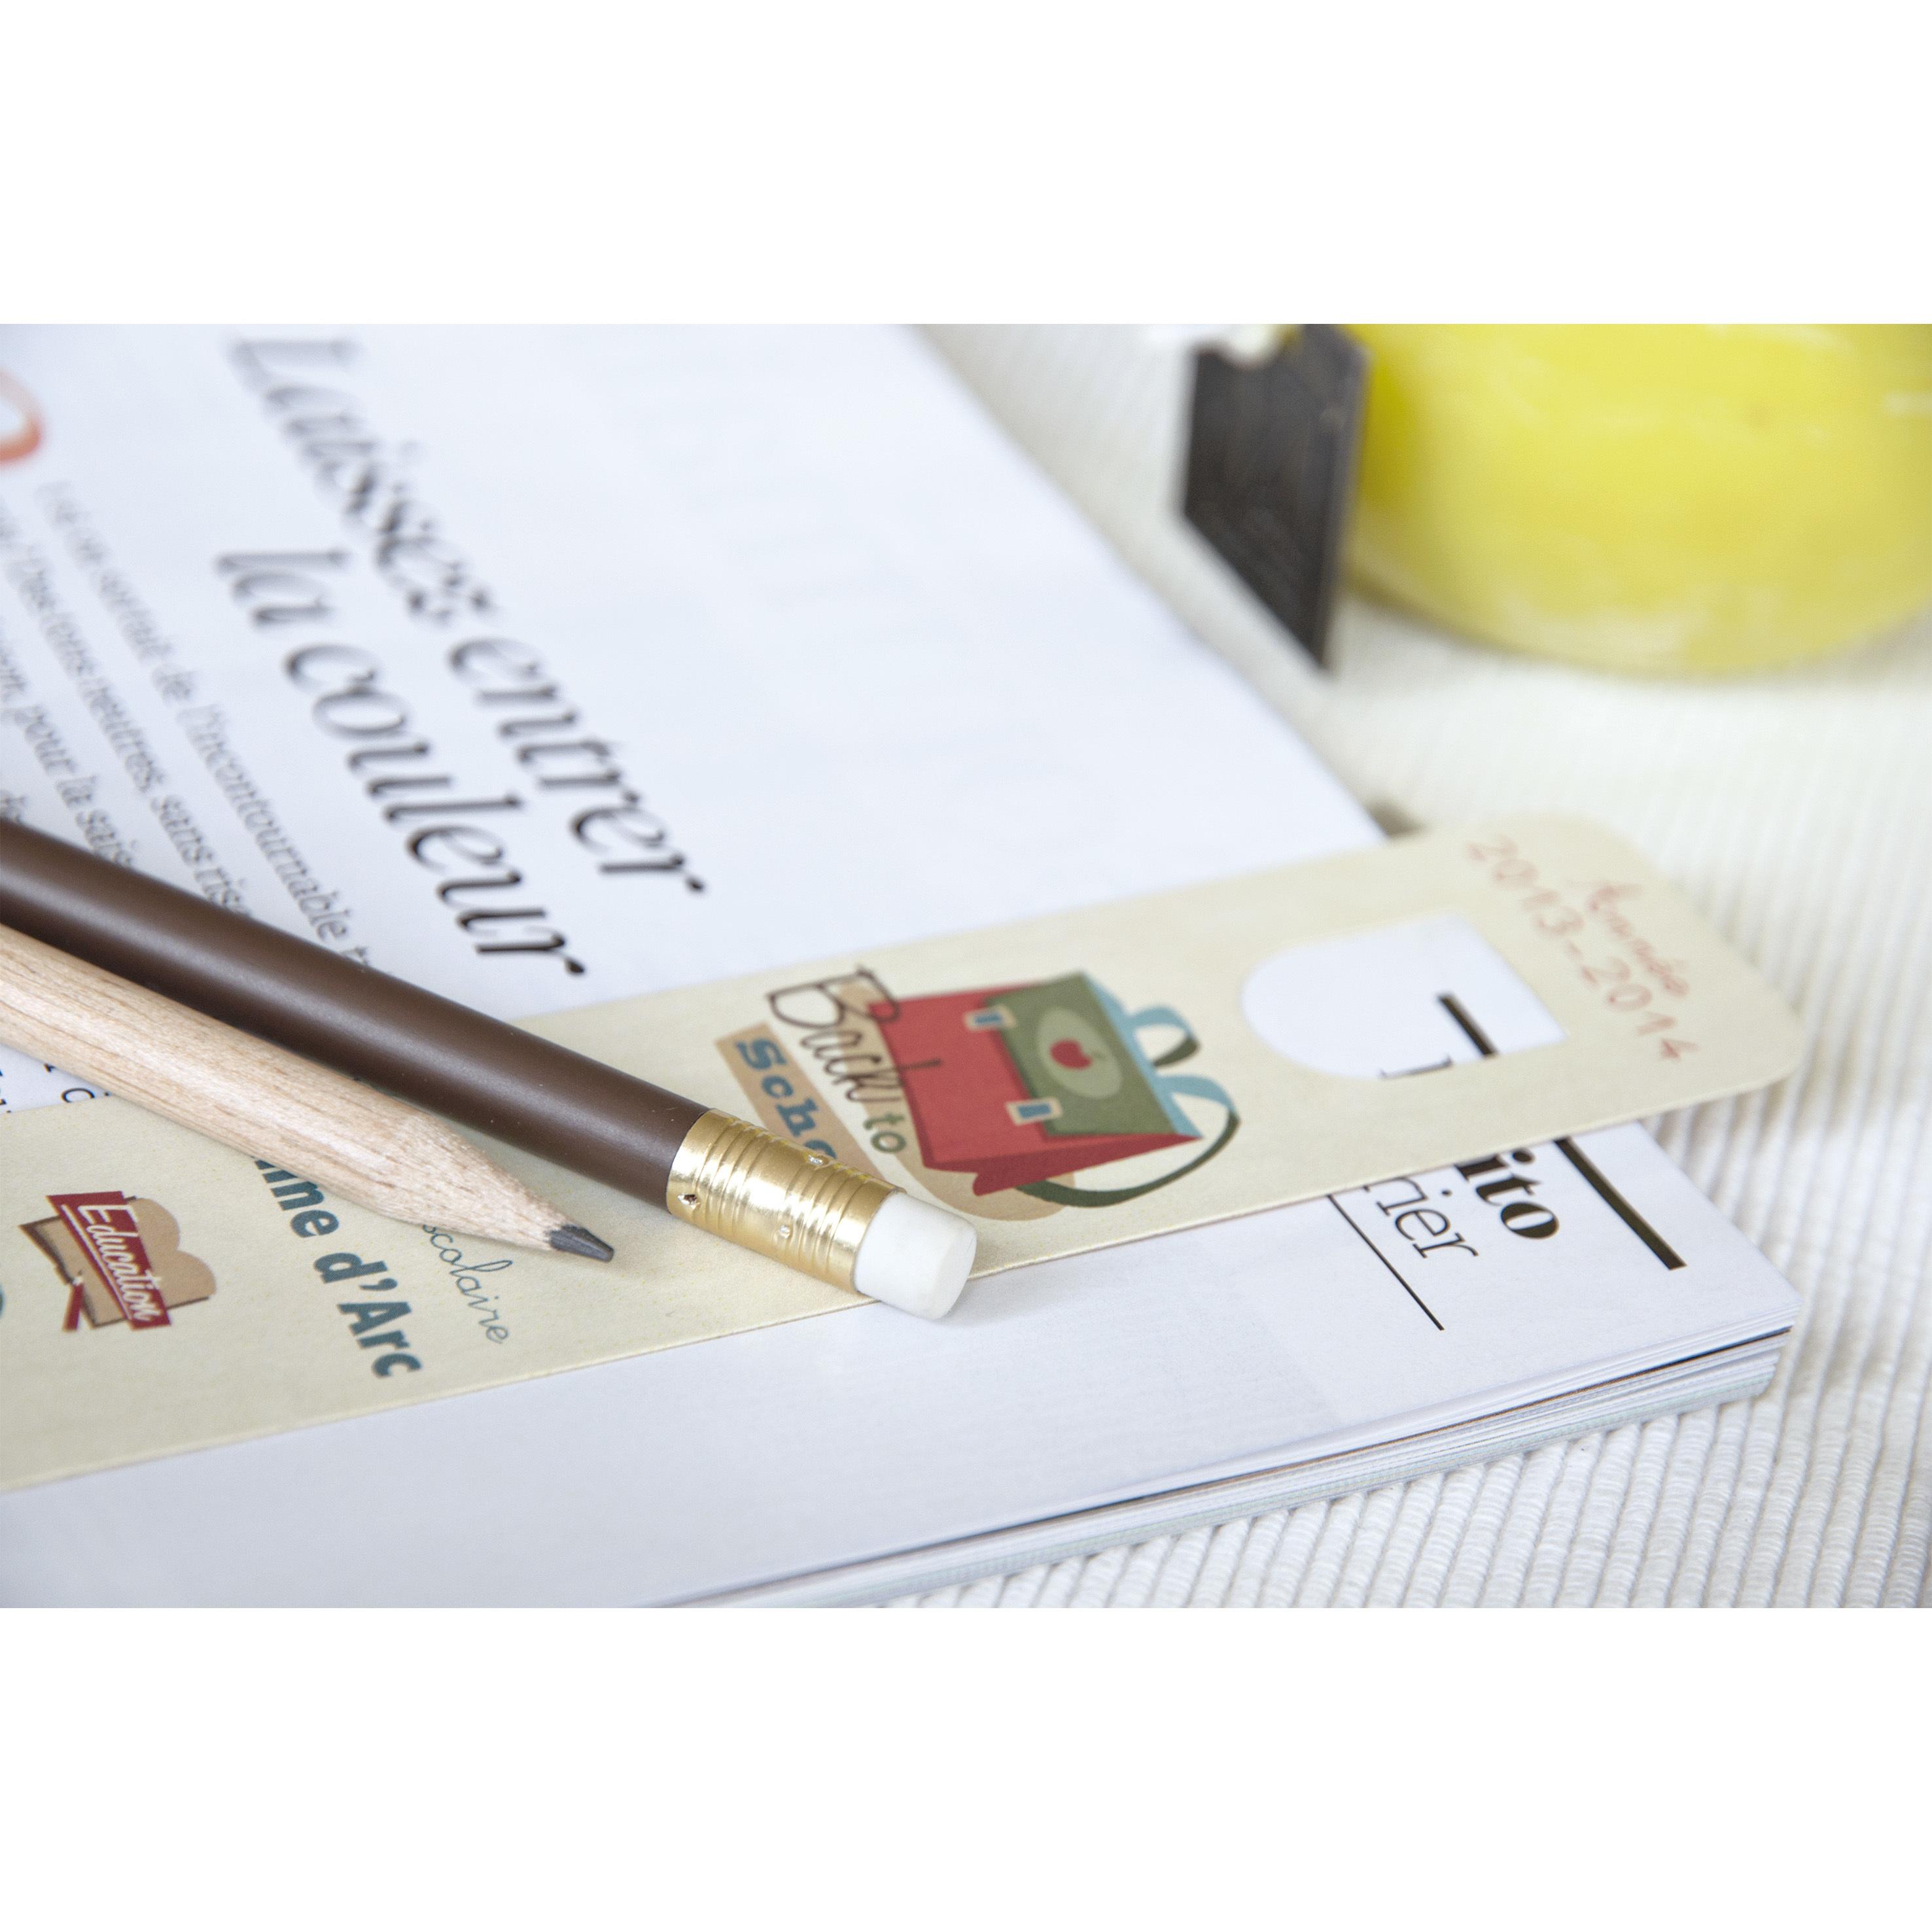 Marque-page et crayon